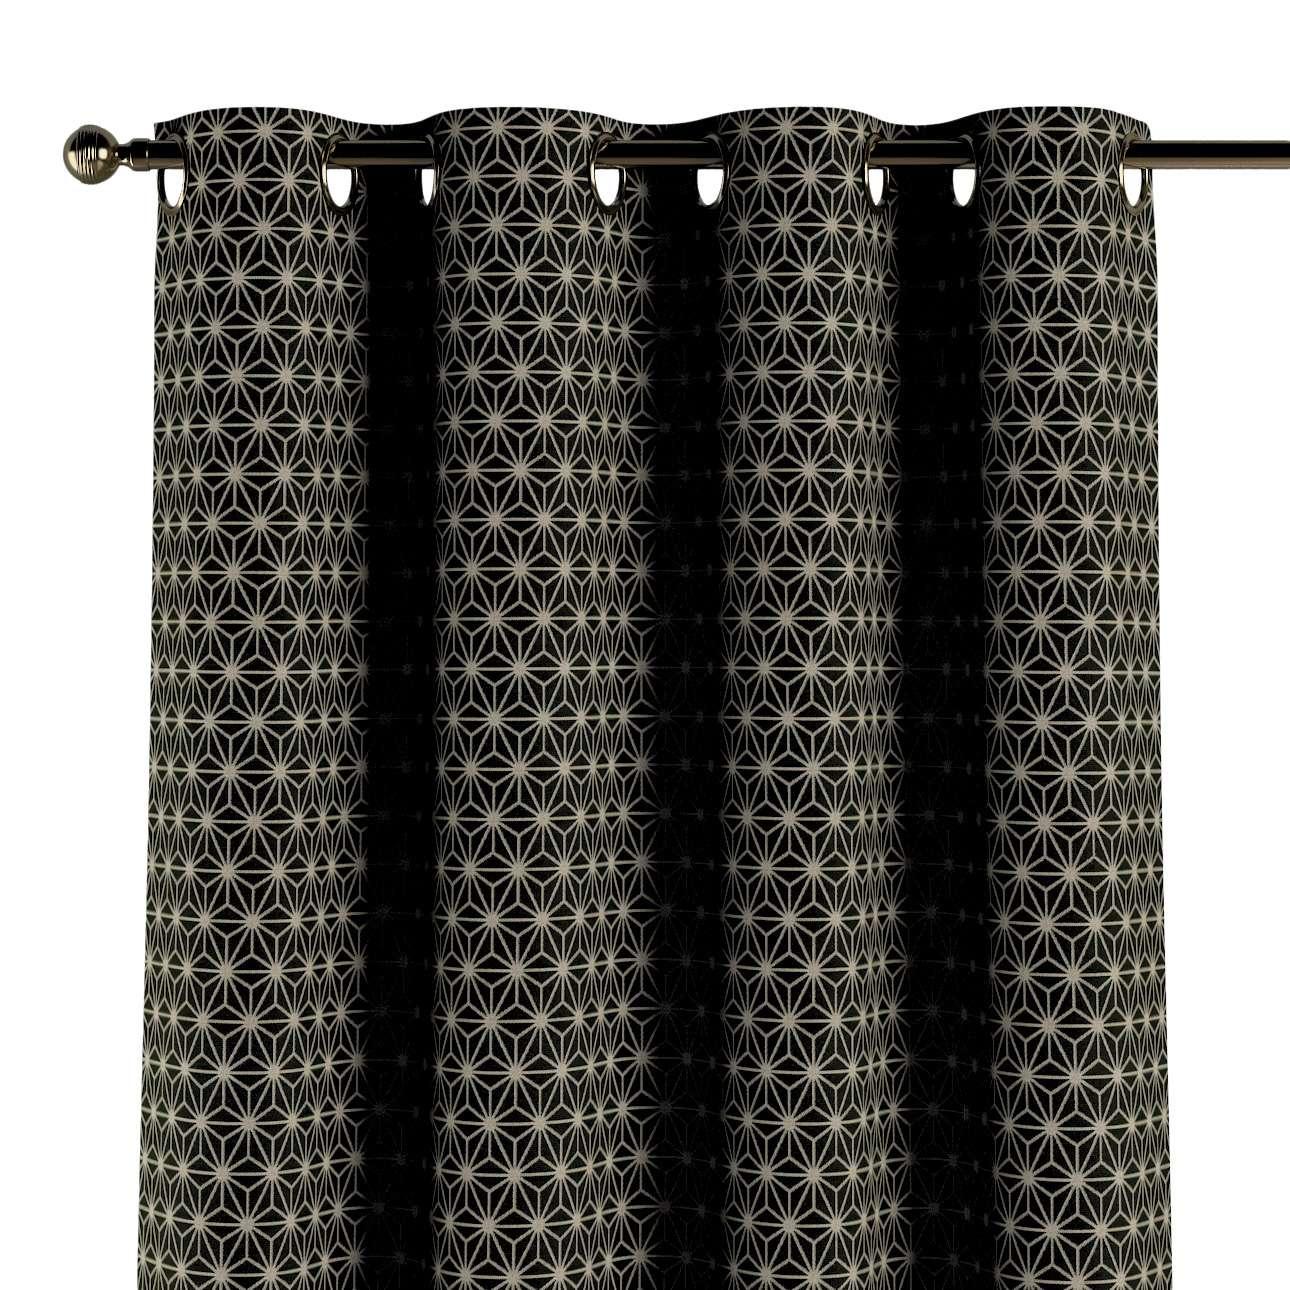 Zasłona na kółkach 1 szt. w kolekcji Black & White, tkanina: 142-56